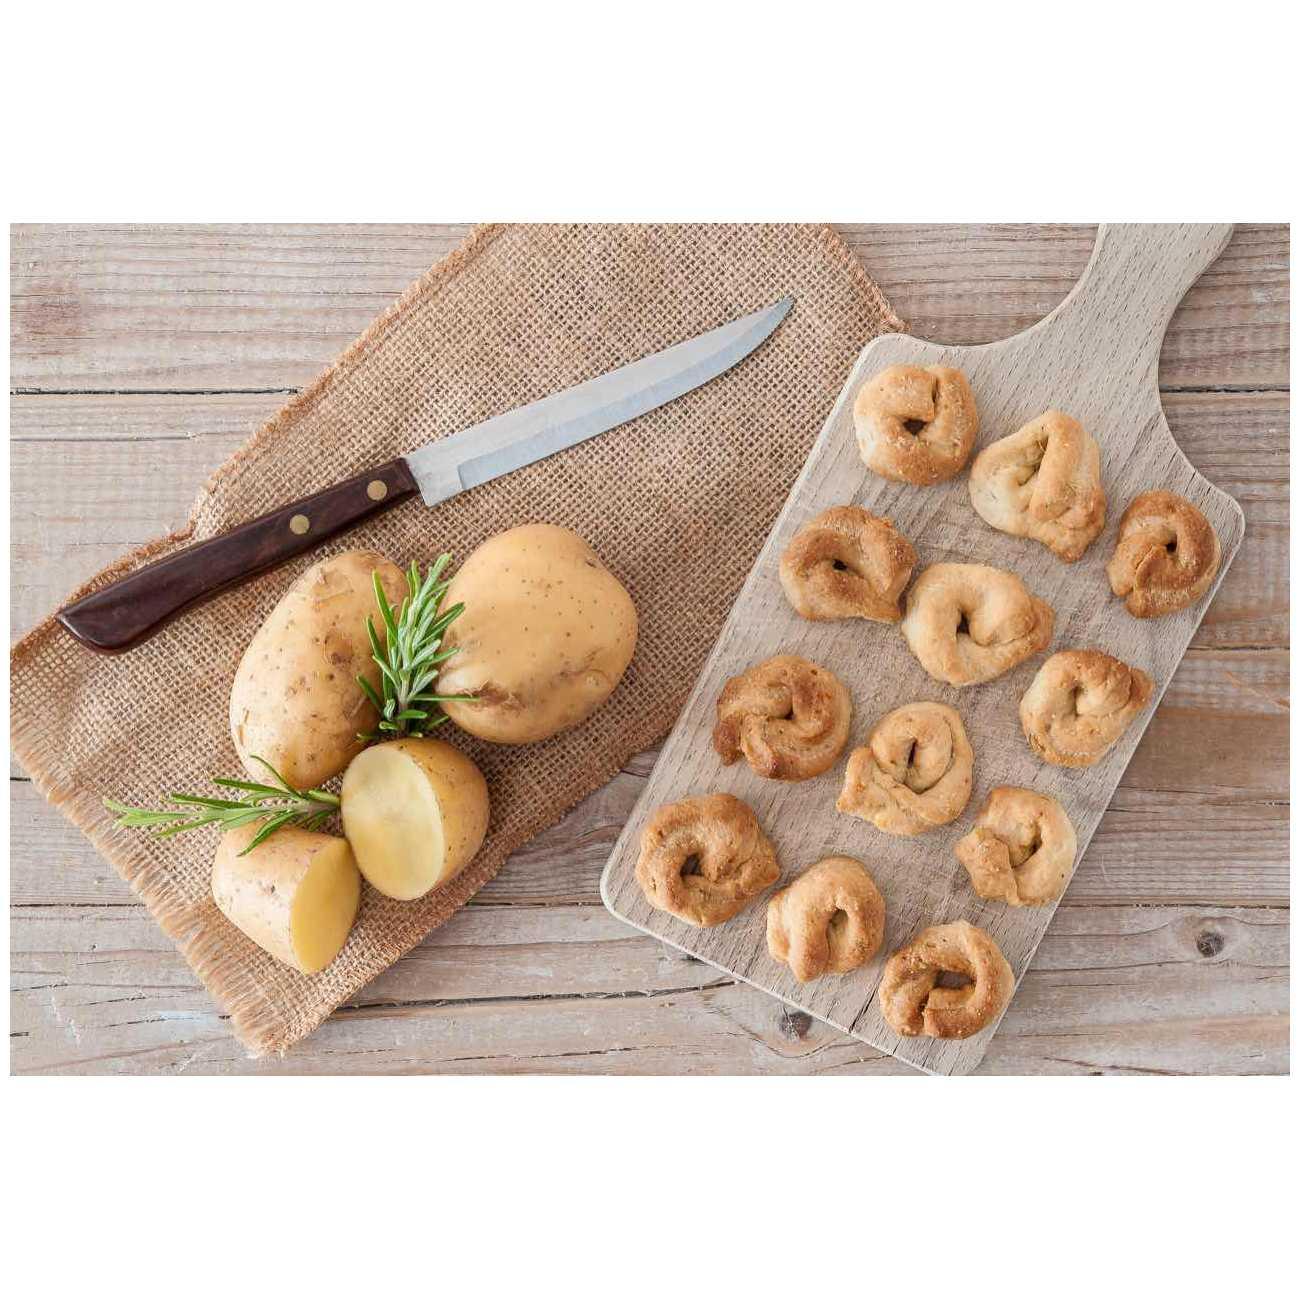 Tarallucci con patate e rosmarino - Grissini